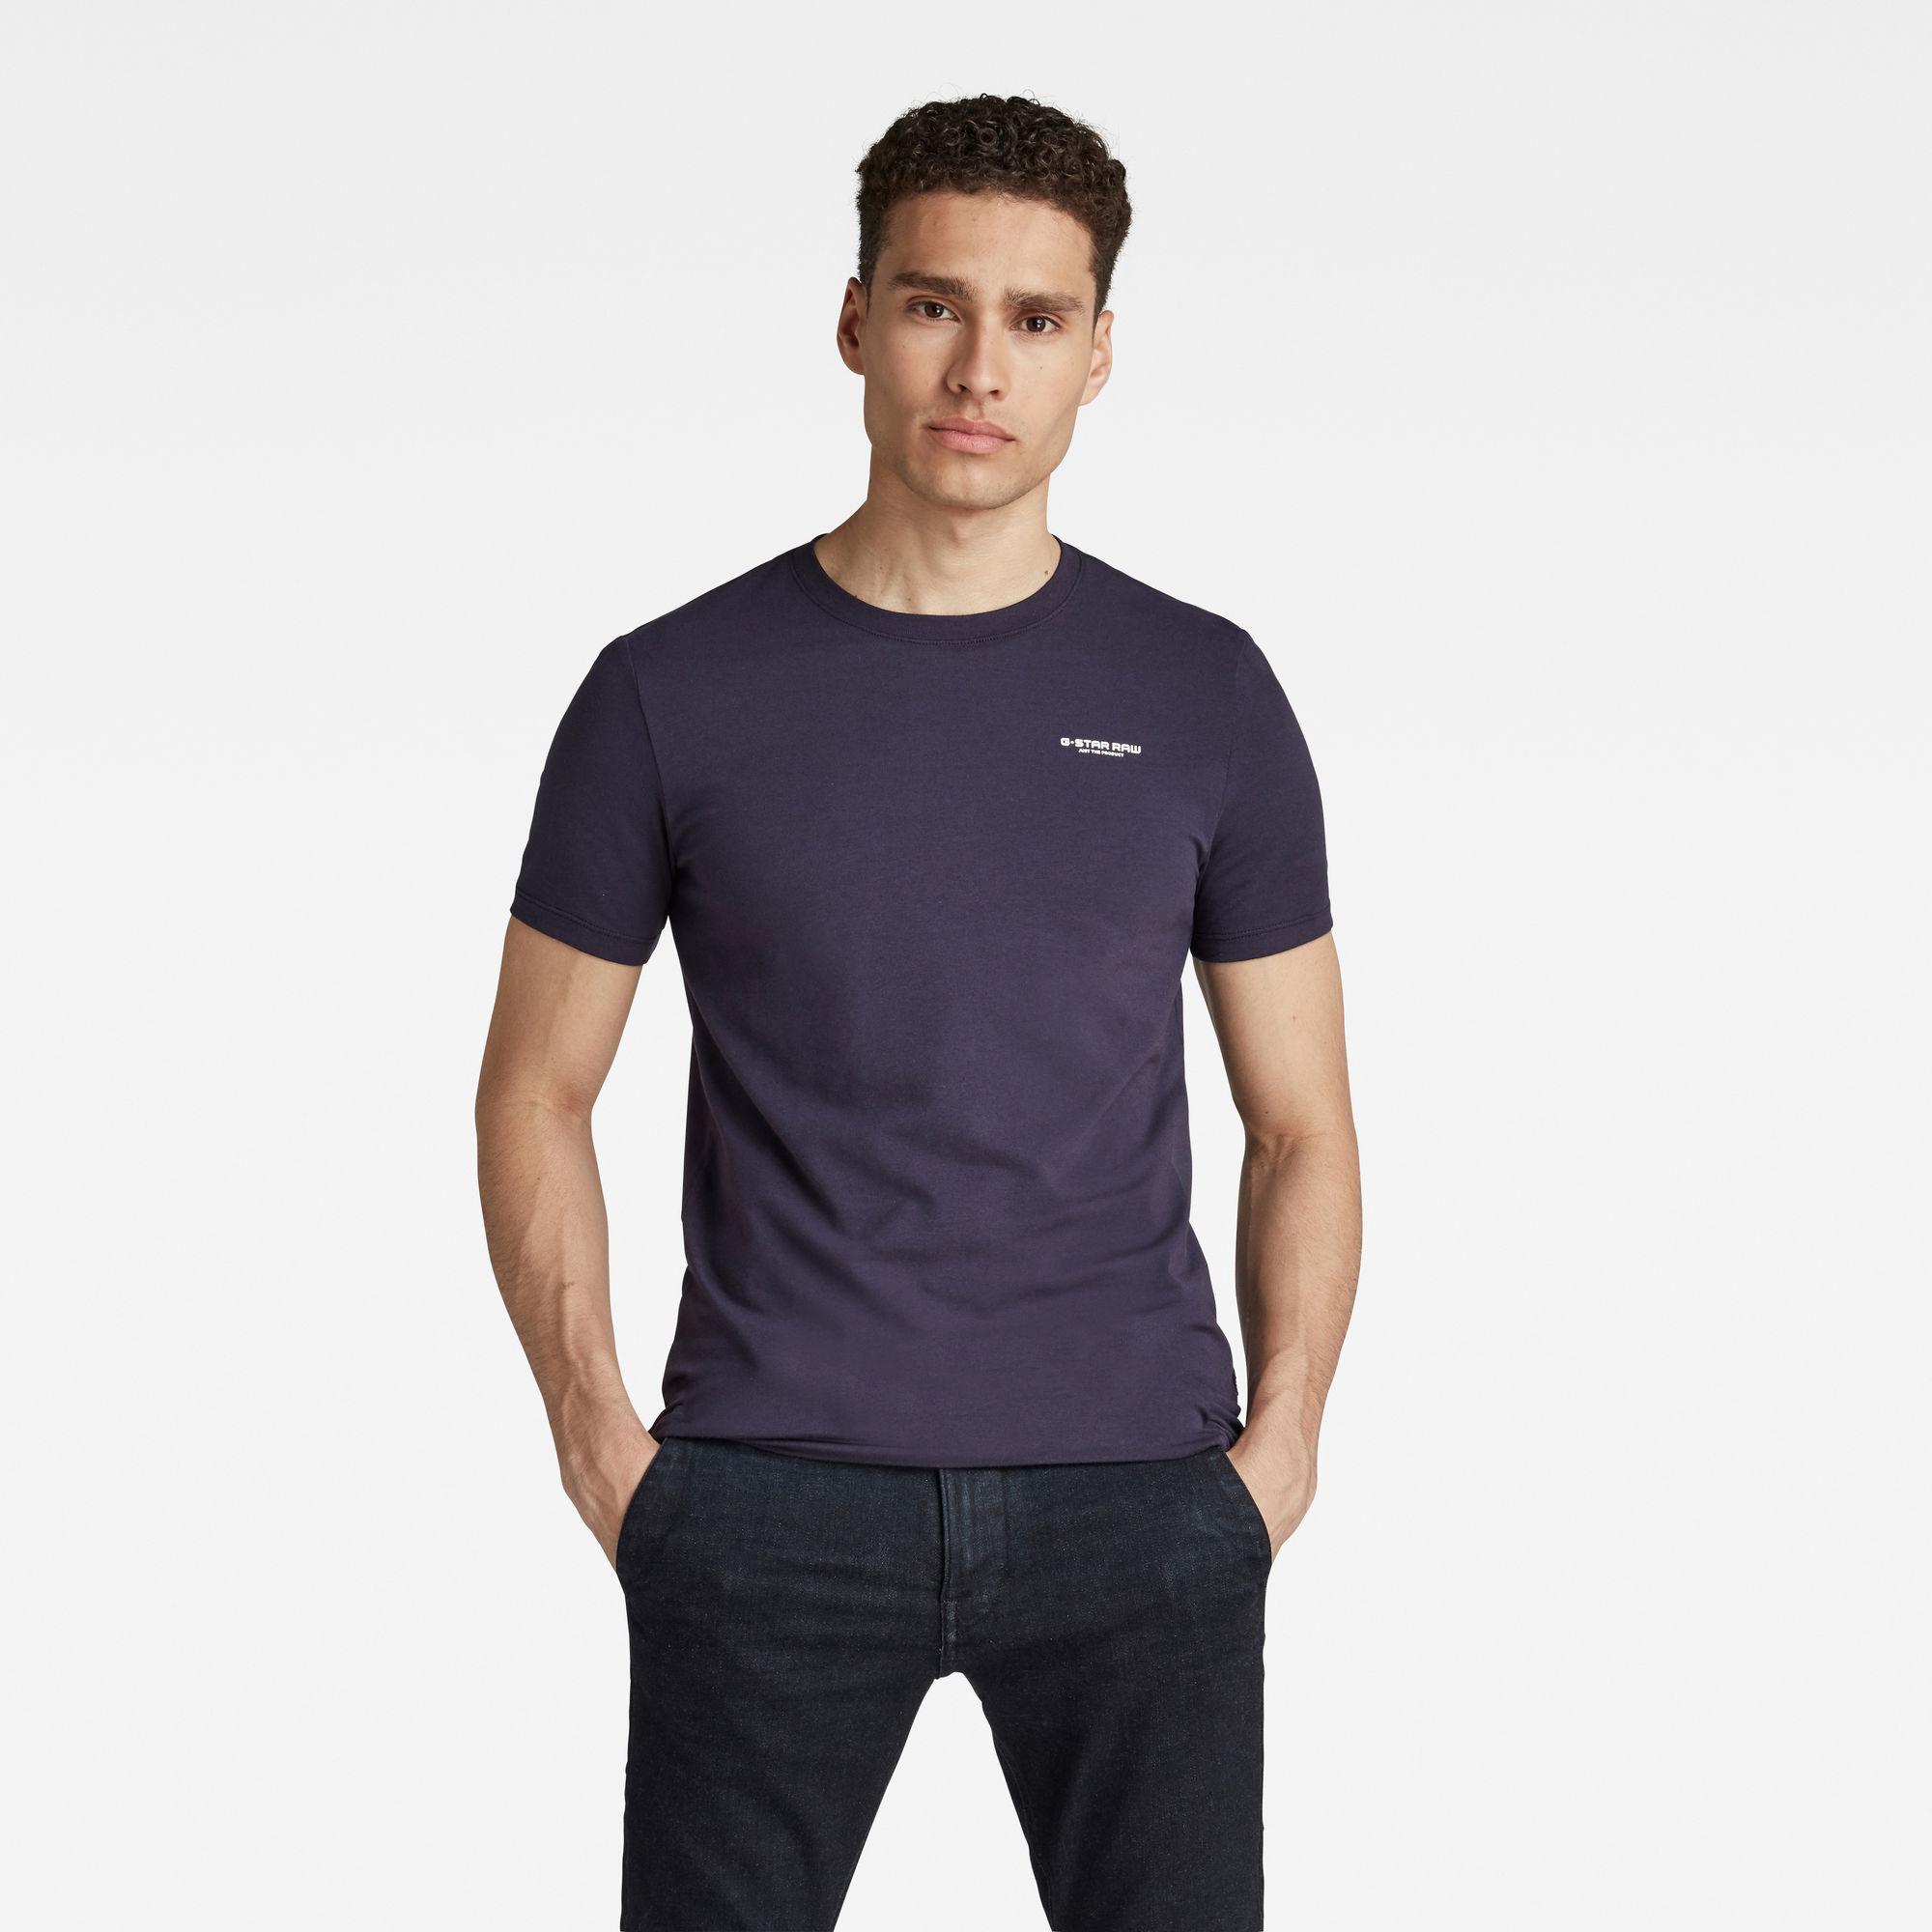 G-Star RAW Heren Slim Base T-Shirt Donkerblauw